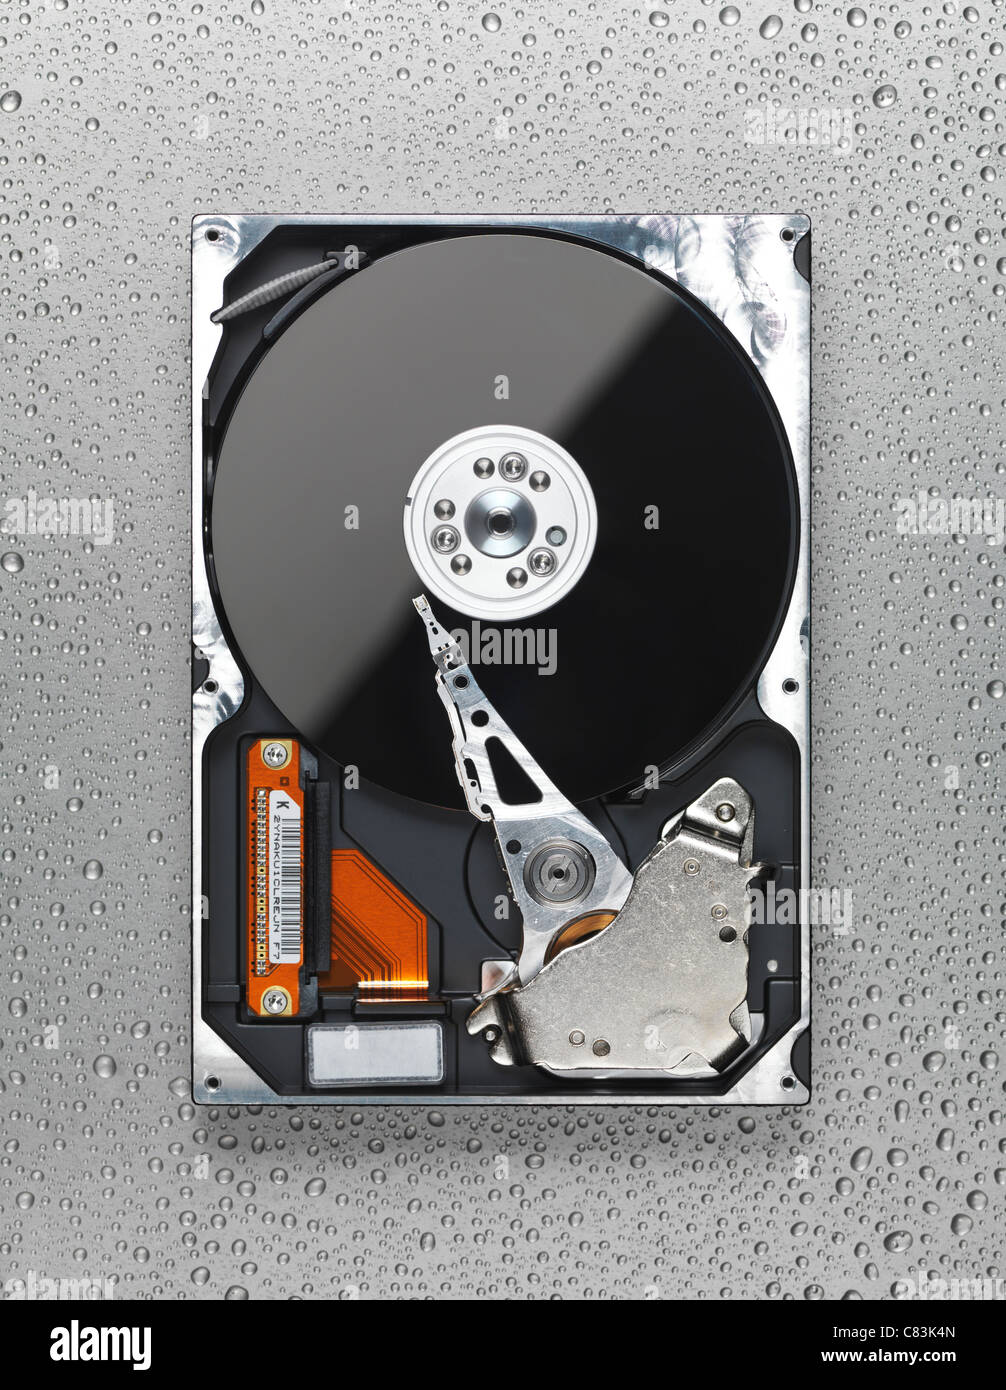 Aprire computer unità disco rigido HDD sul bagnato la superficie di metallo Immagini Stock